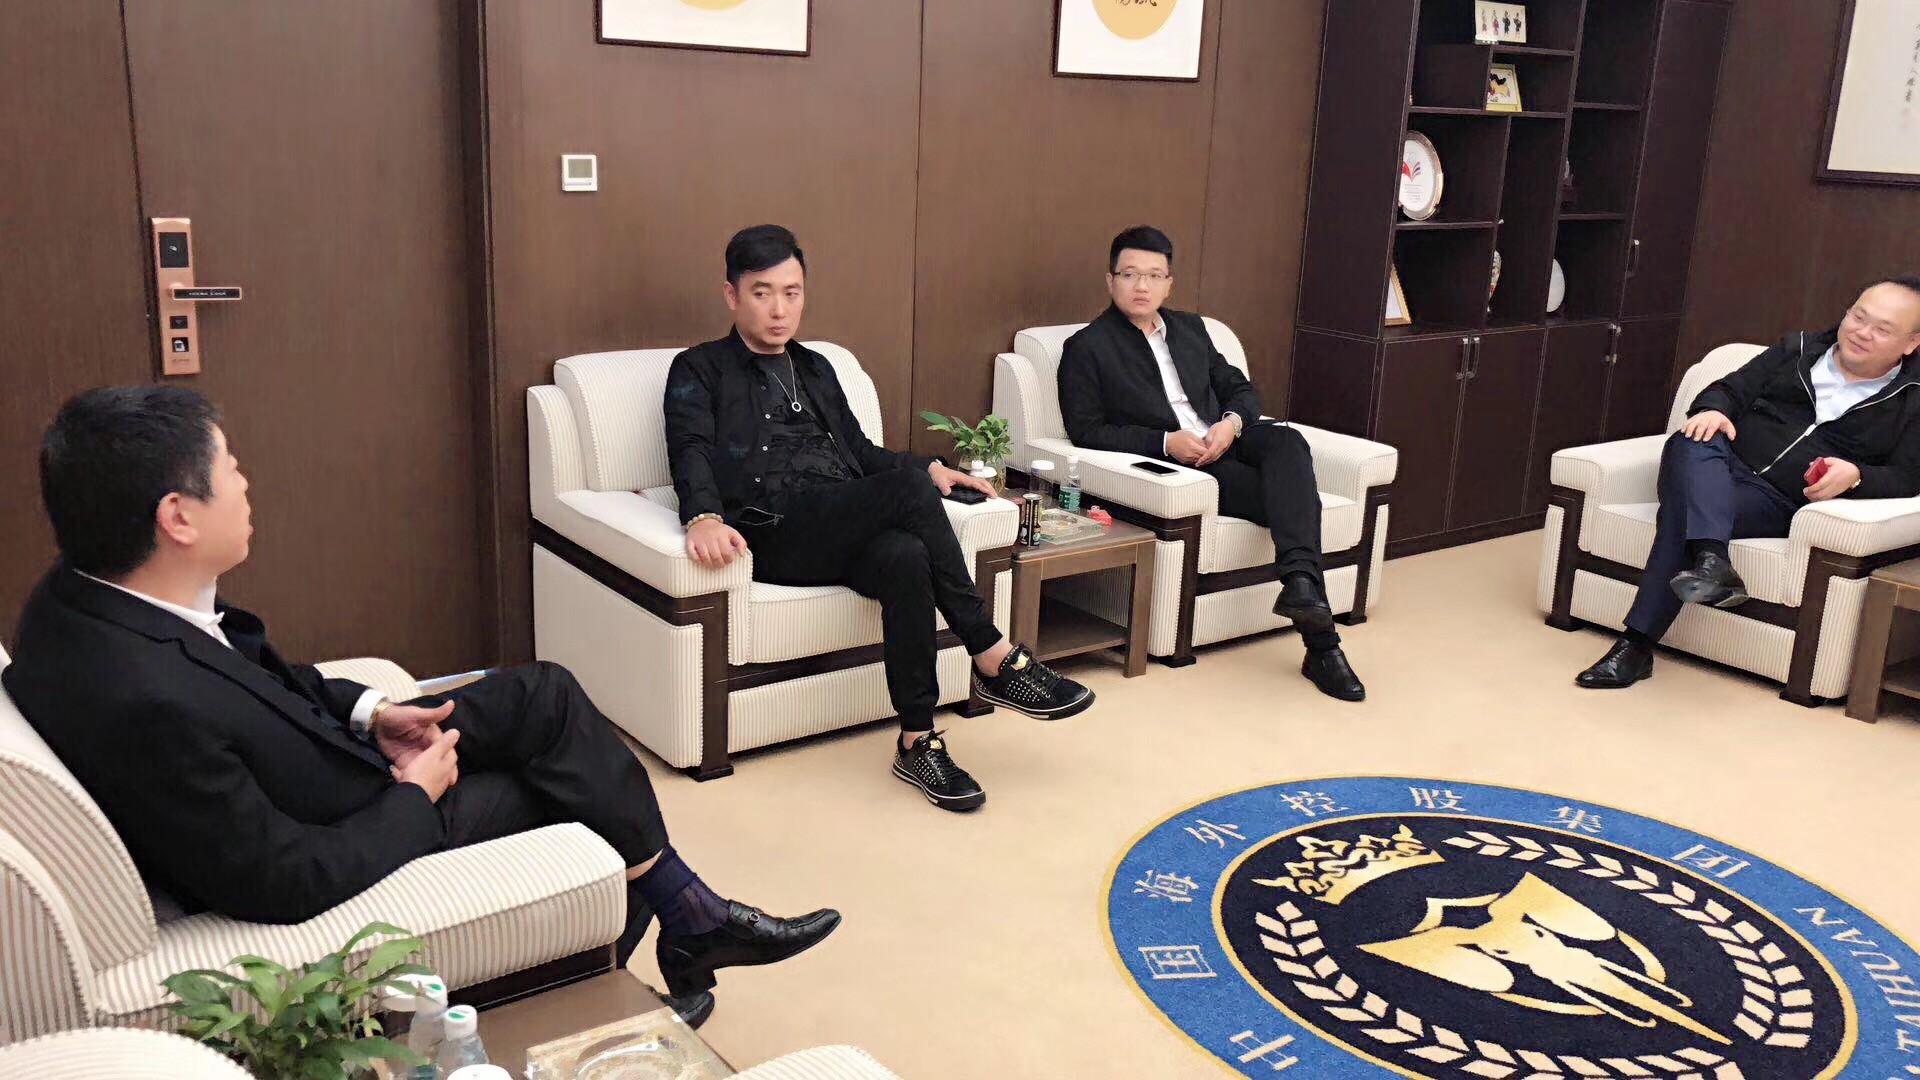 戰略合作|中國海外控股集團與首登集團簽署戰略框架協議